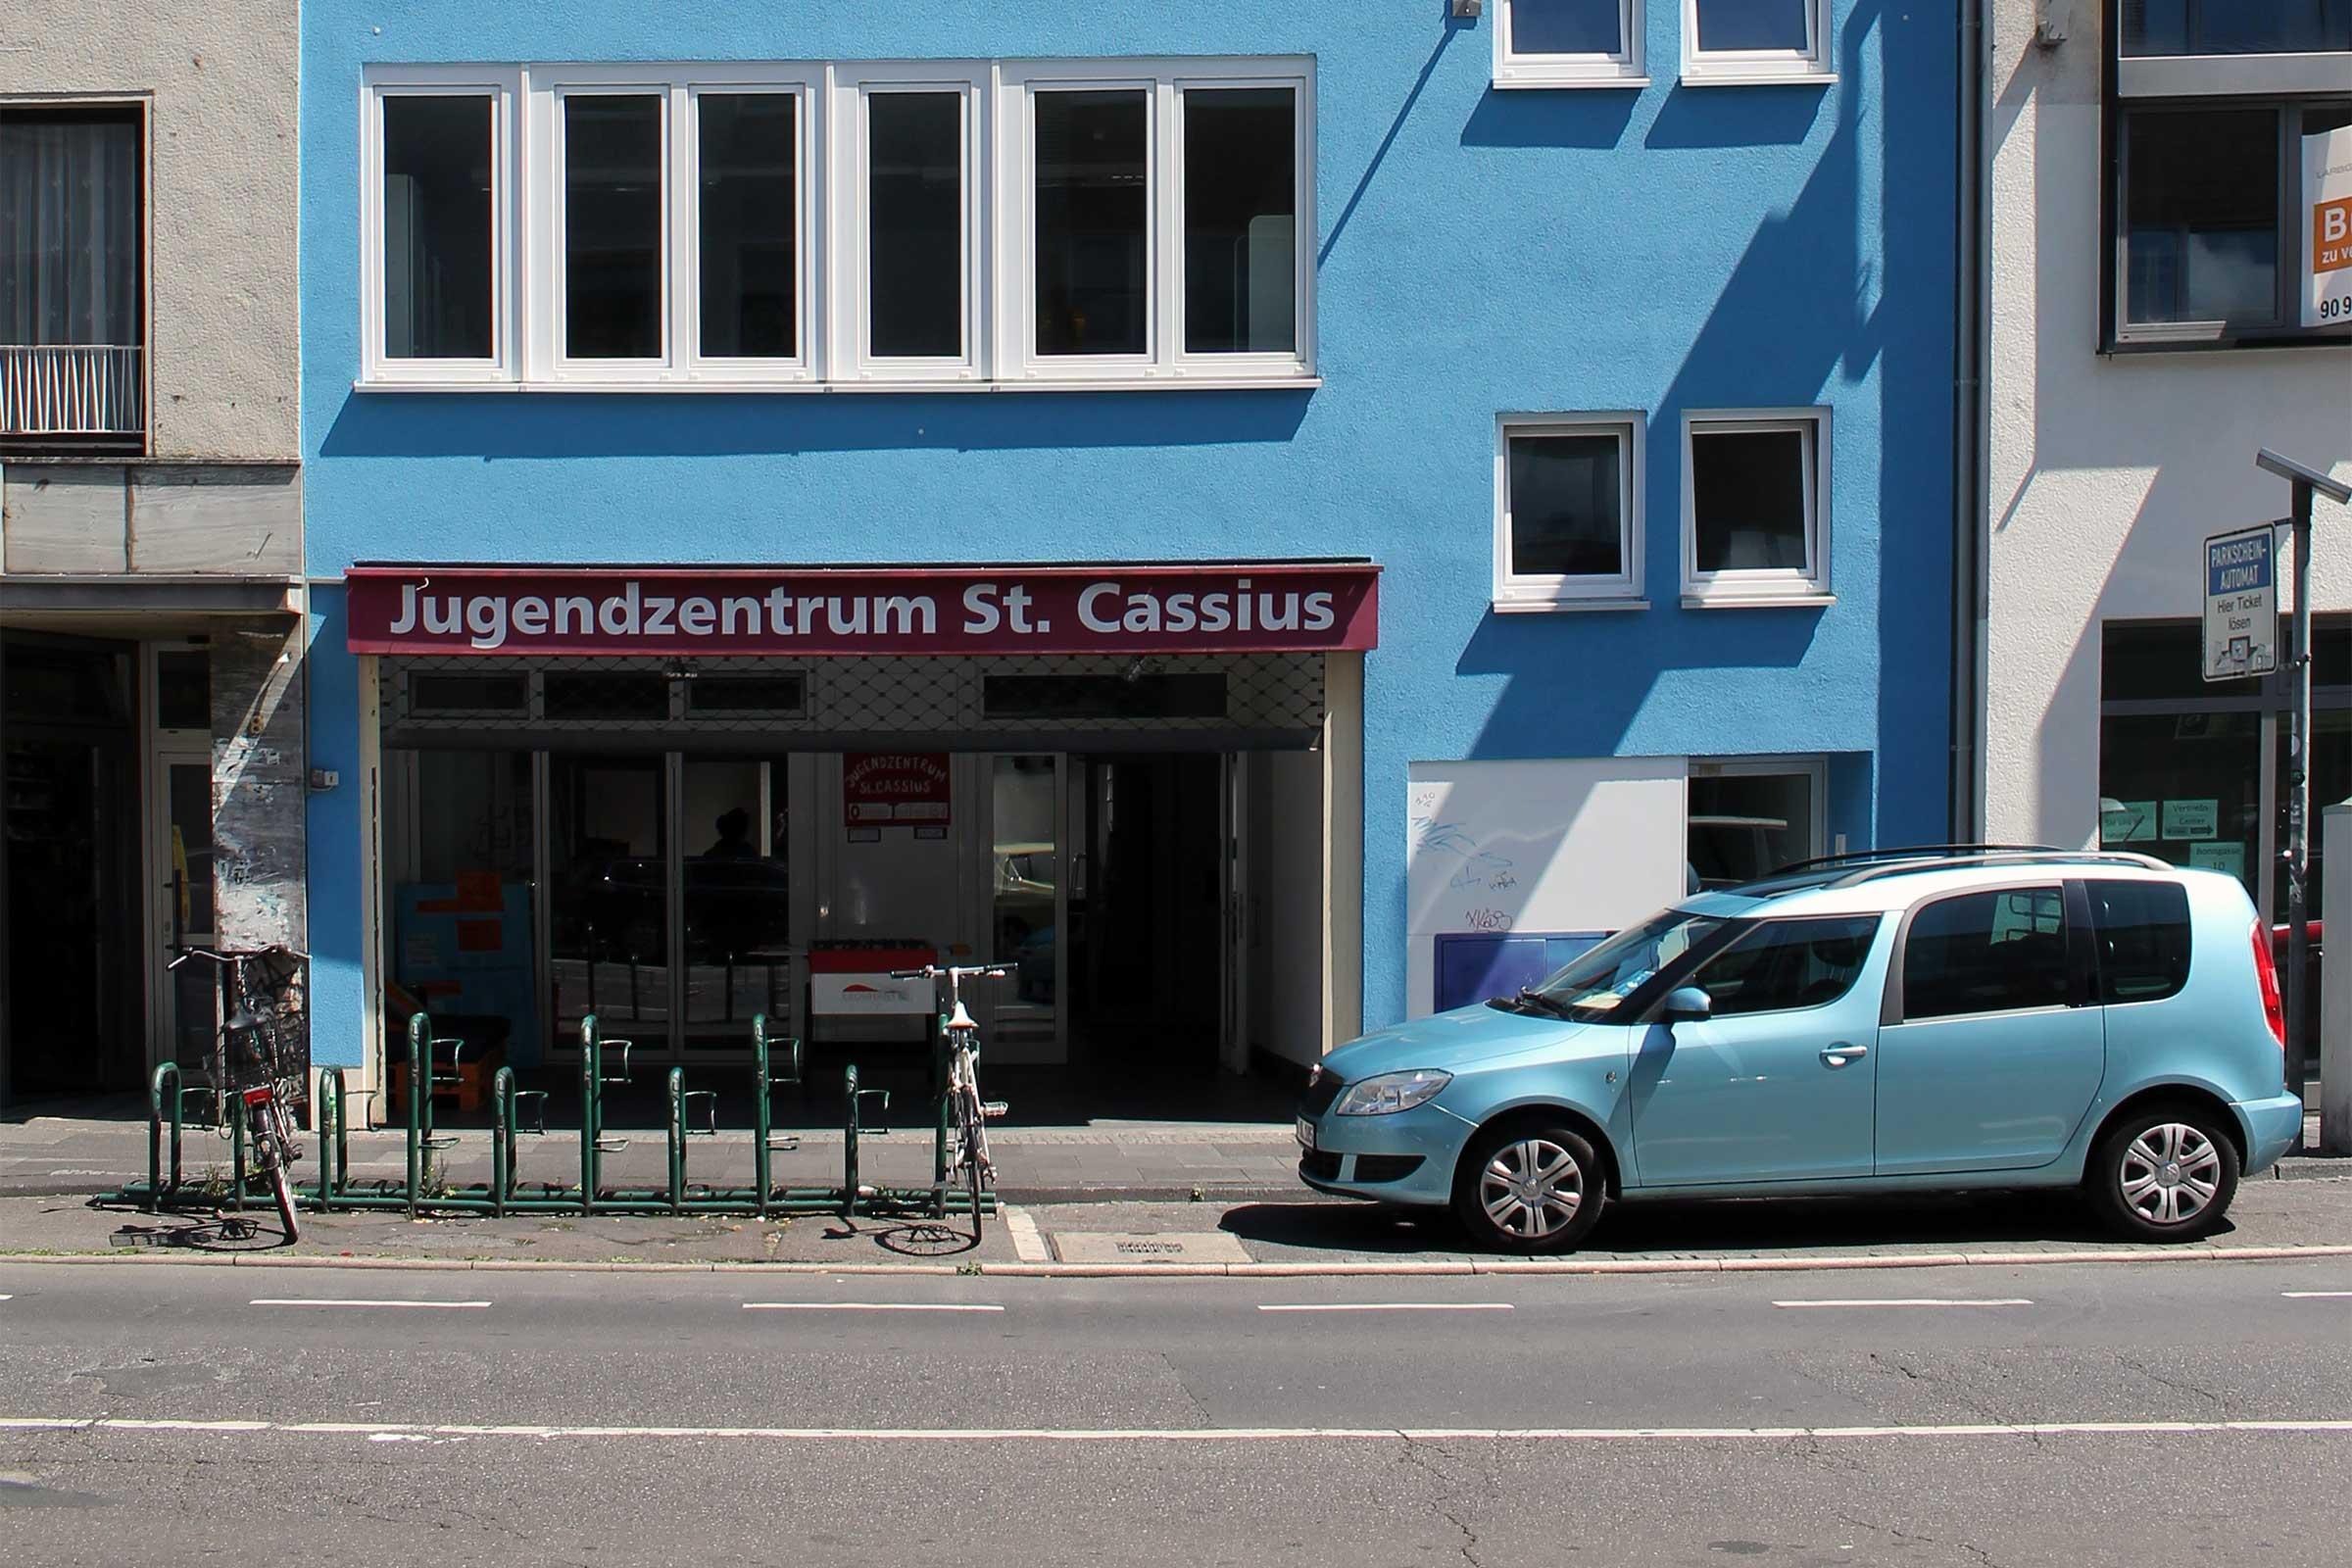 Ein hellblaues Gebäude, unten ein großer Eingang. Darüber in weißer Schrift auf rotem Grund: Jugendzentrum St. Cassius